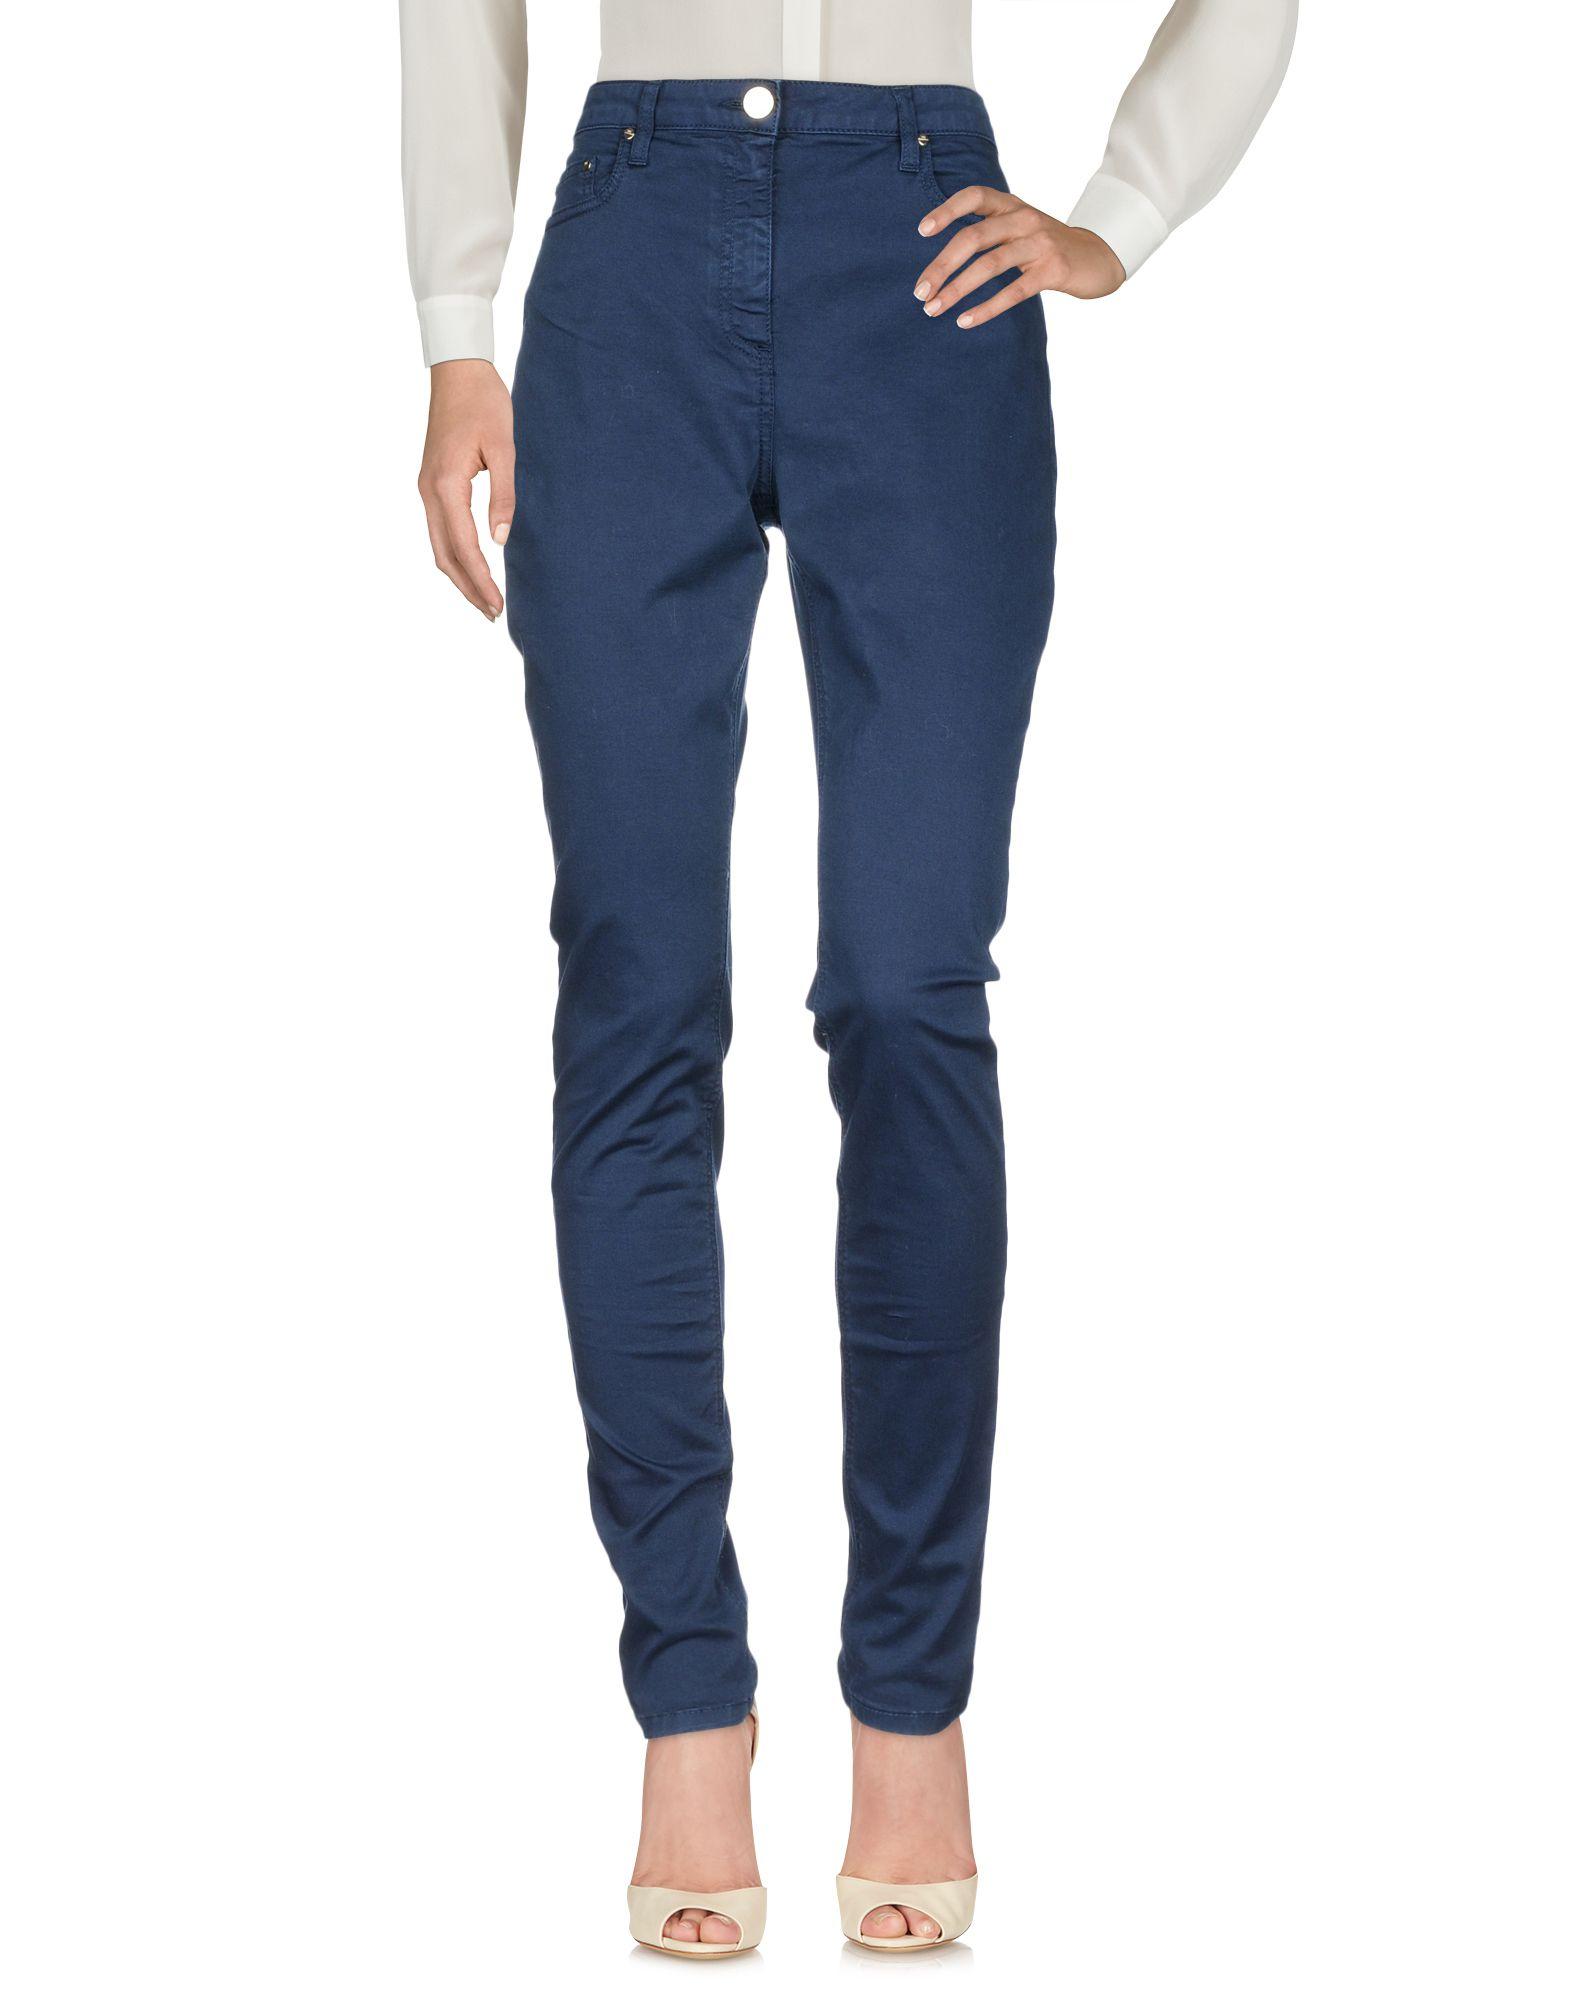 ФОТО elisabetta franchi jeans Повседневные брюки